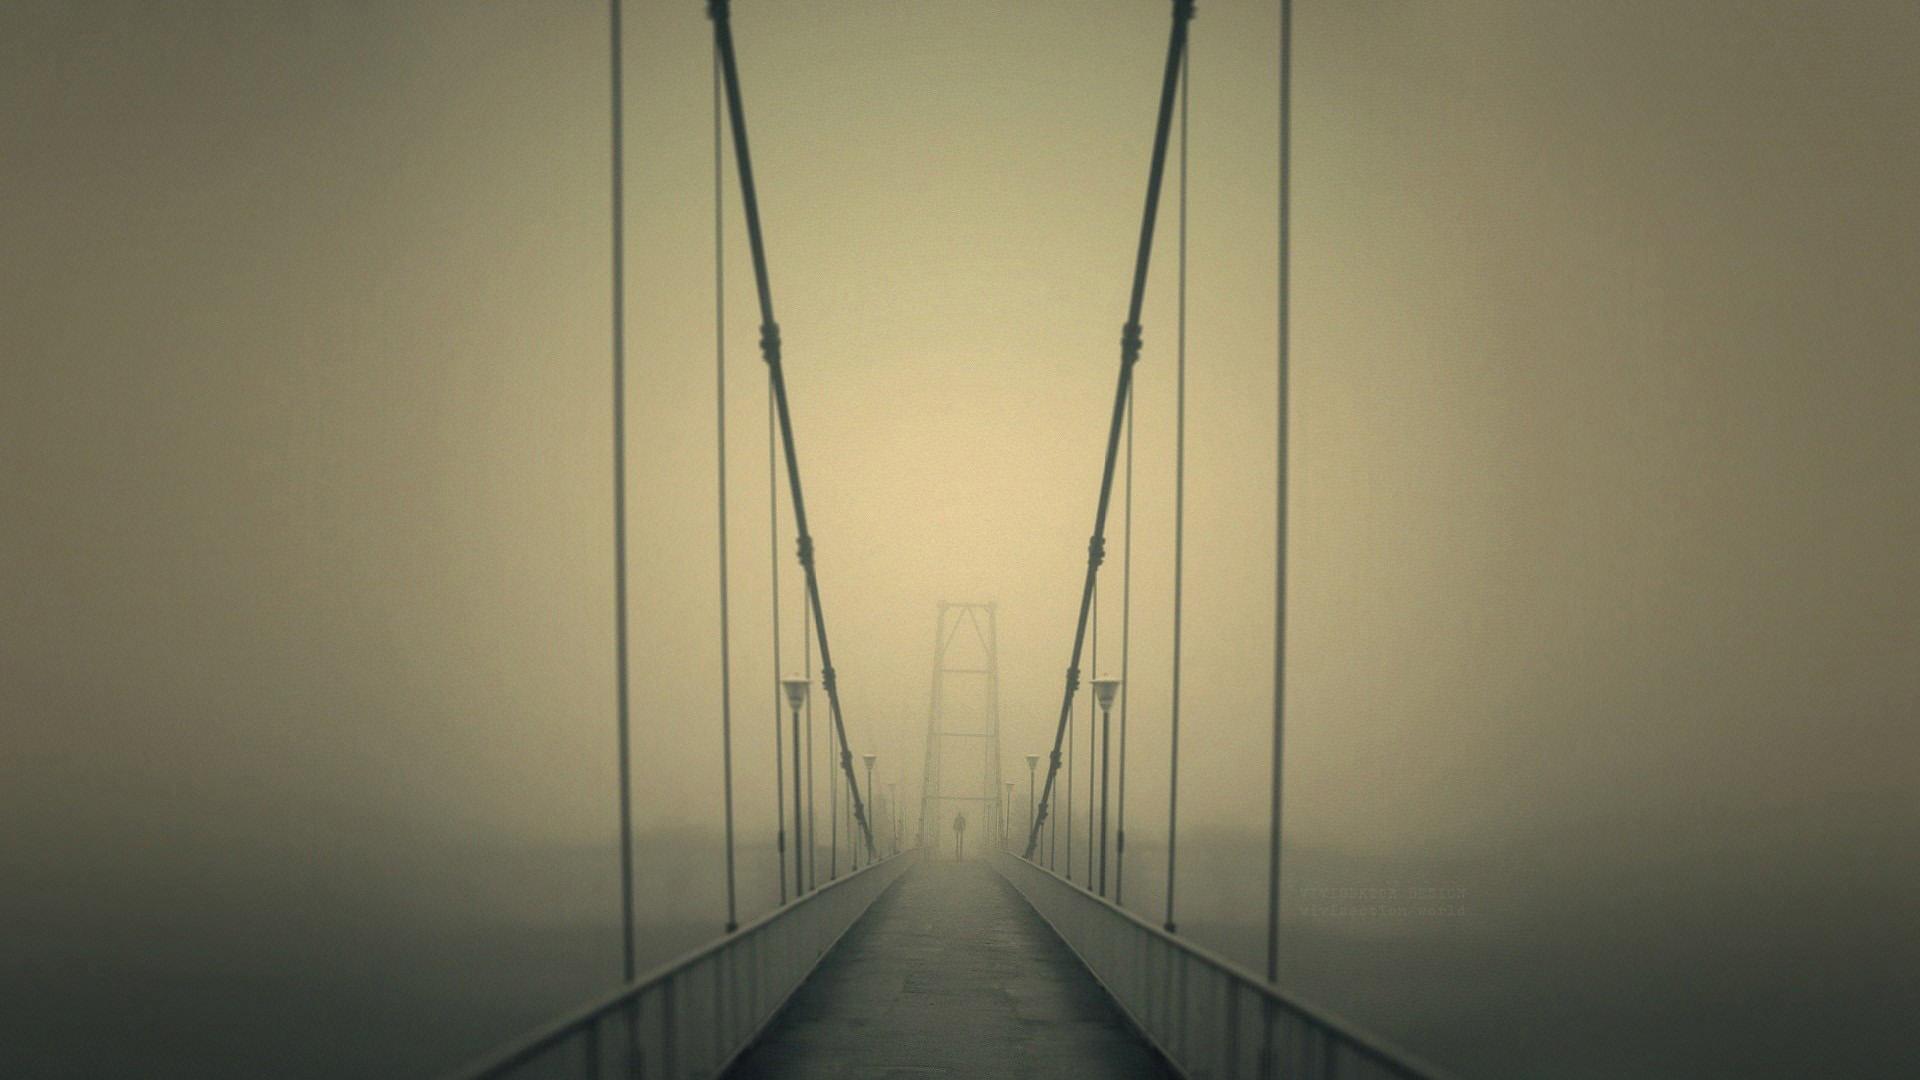 Мост в тумане туман мост